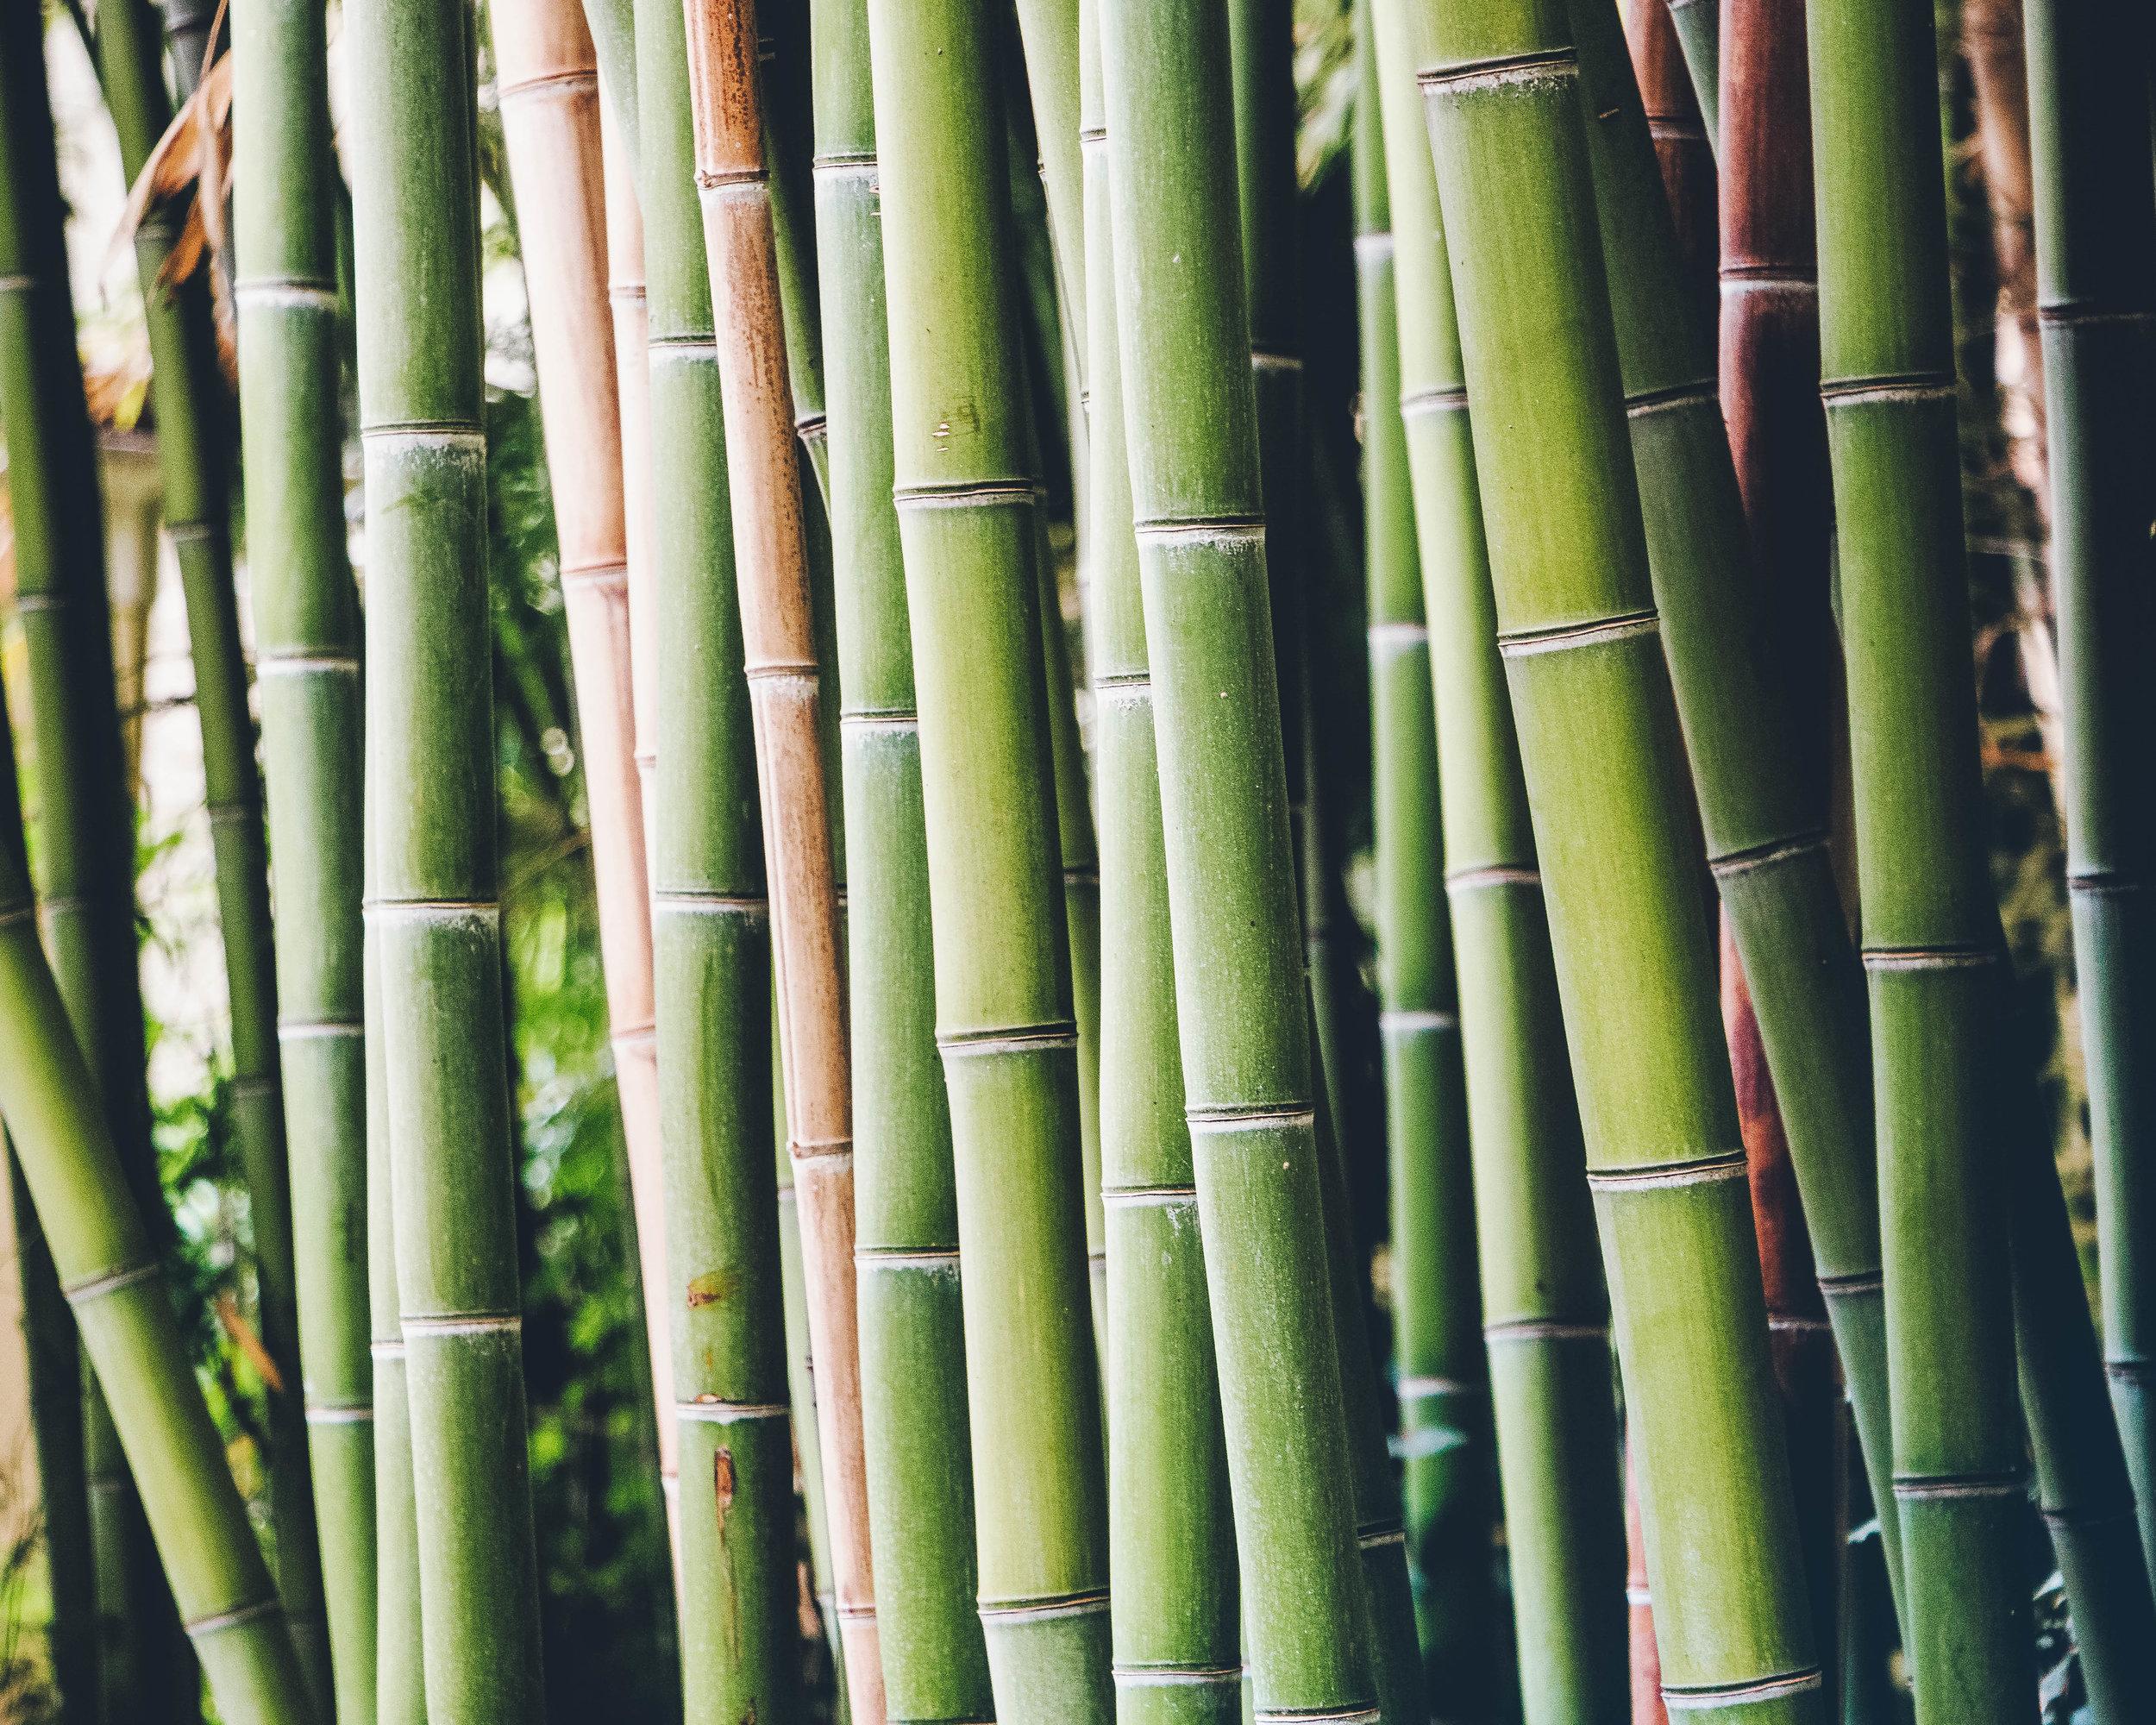 Bambus_EDIT.jpg